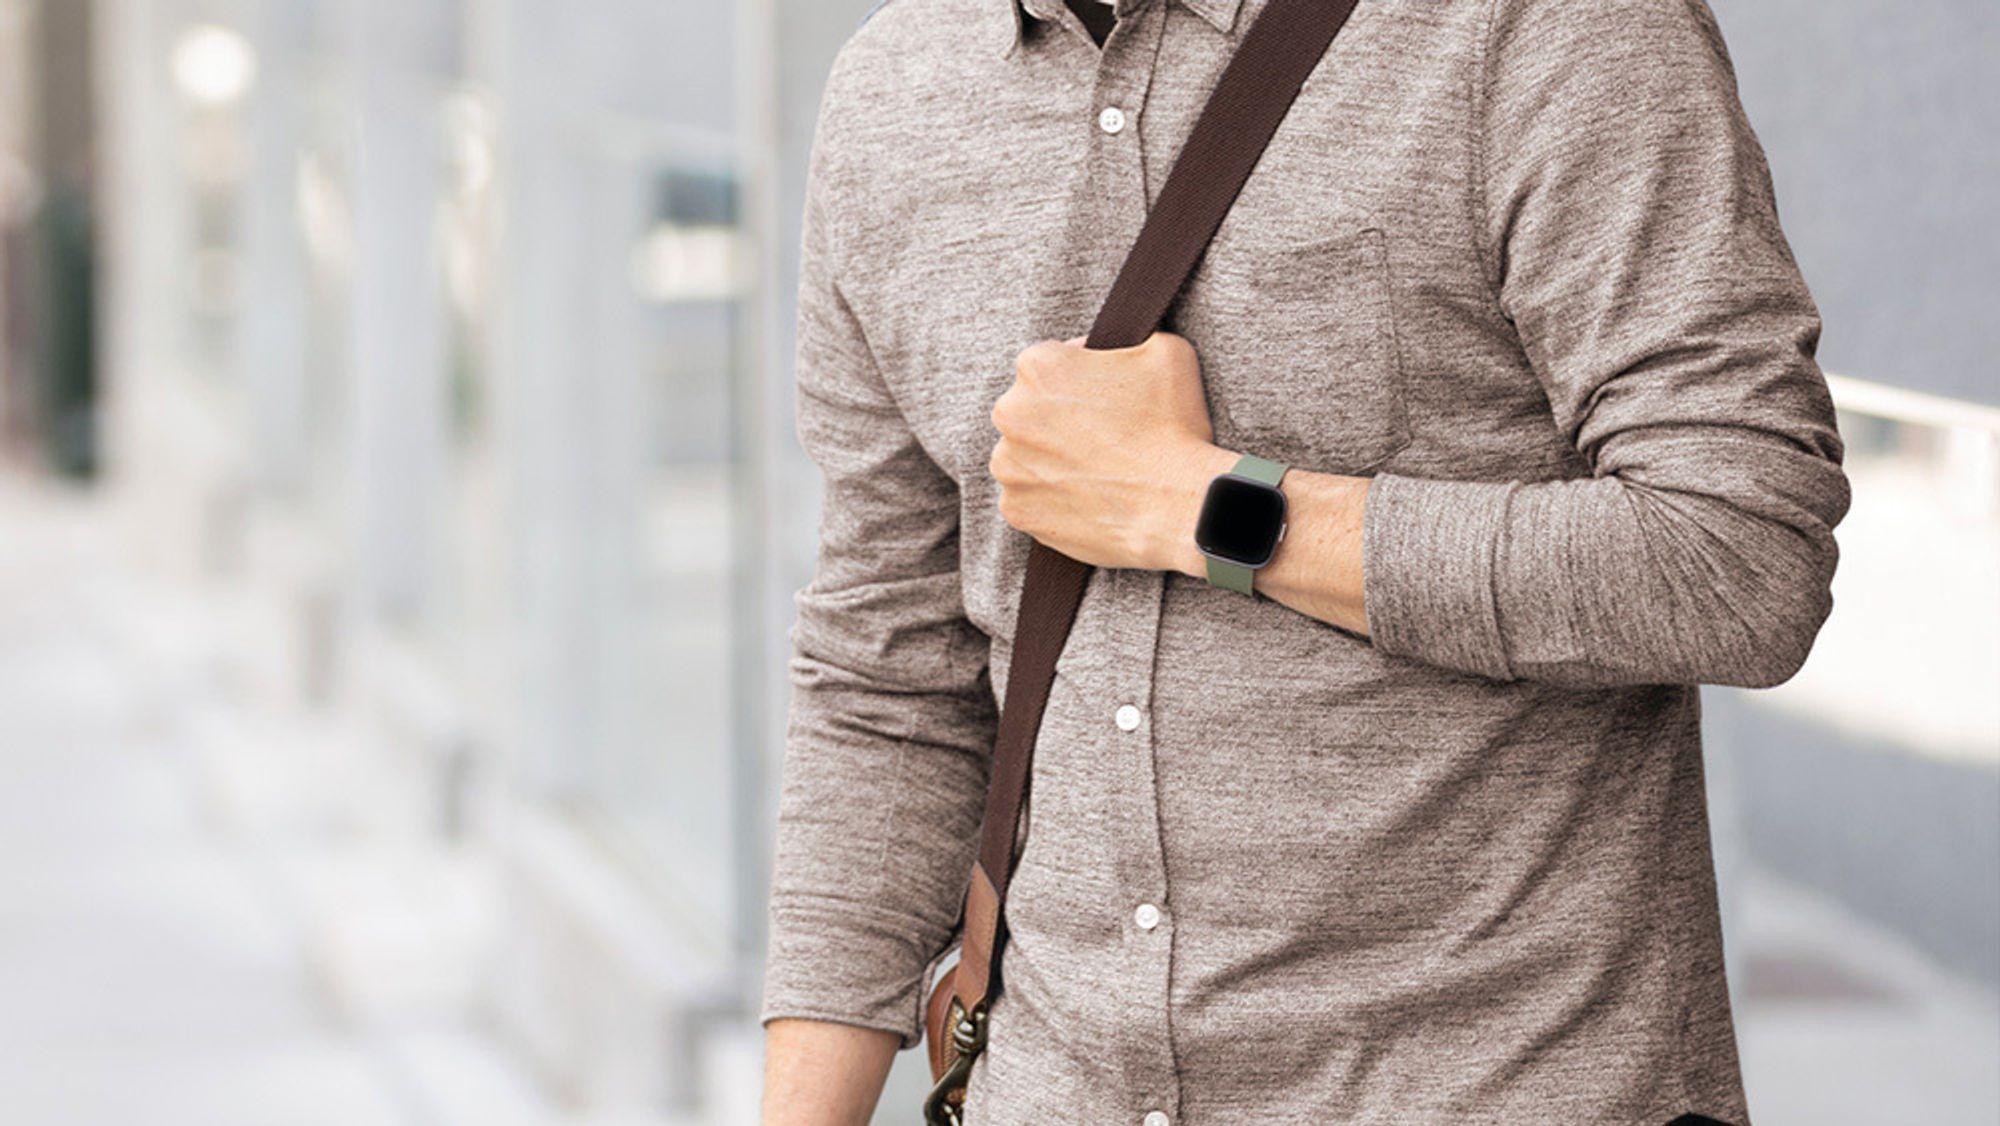 I dag kan du få hjelp med juleflesket: i julekalenderen kan du vinne en Fitbit klokke og smartvekt